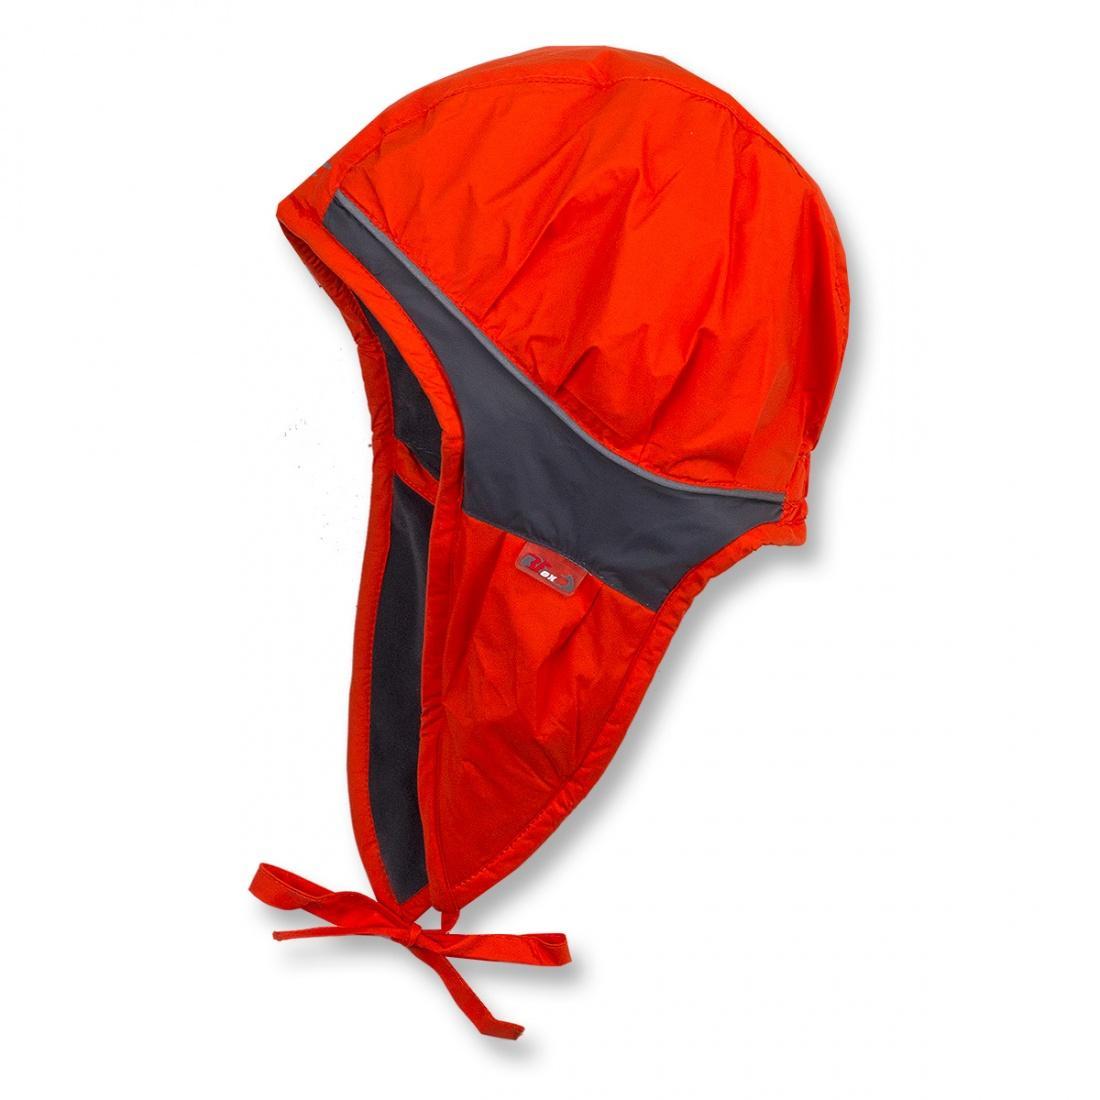 Шапка детская TressУшанки<br><br> Яркая контрастная шапочка прекрасно выделяет ребенка из толпы.<br><br> <br><br><br><br> Основной материал – Dry Factor 1000.<br><br> <br><br><br> Утеп...<br><br>Цвет: Апельсиновый<br>Размер: M